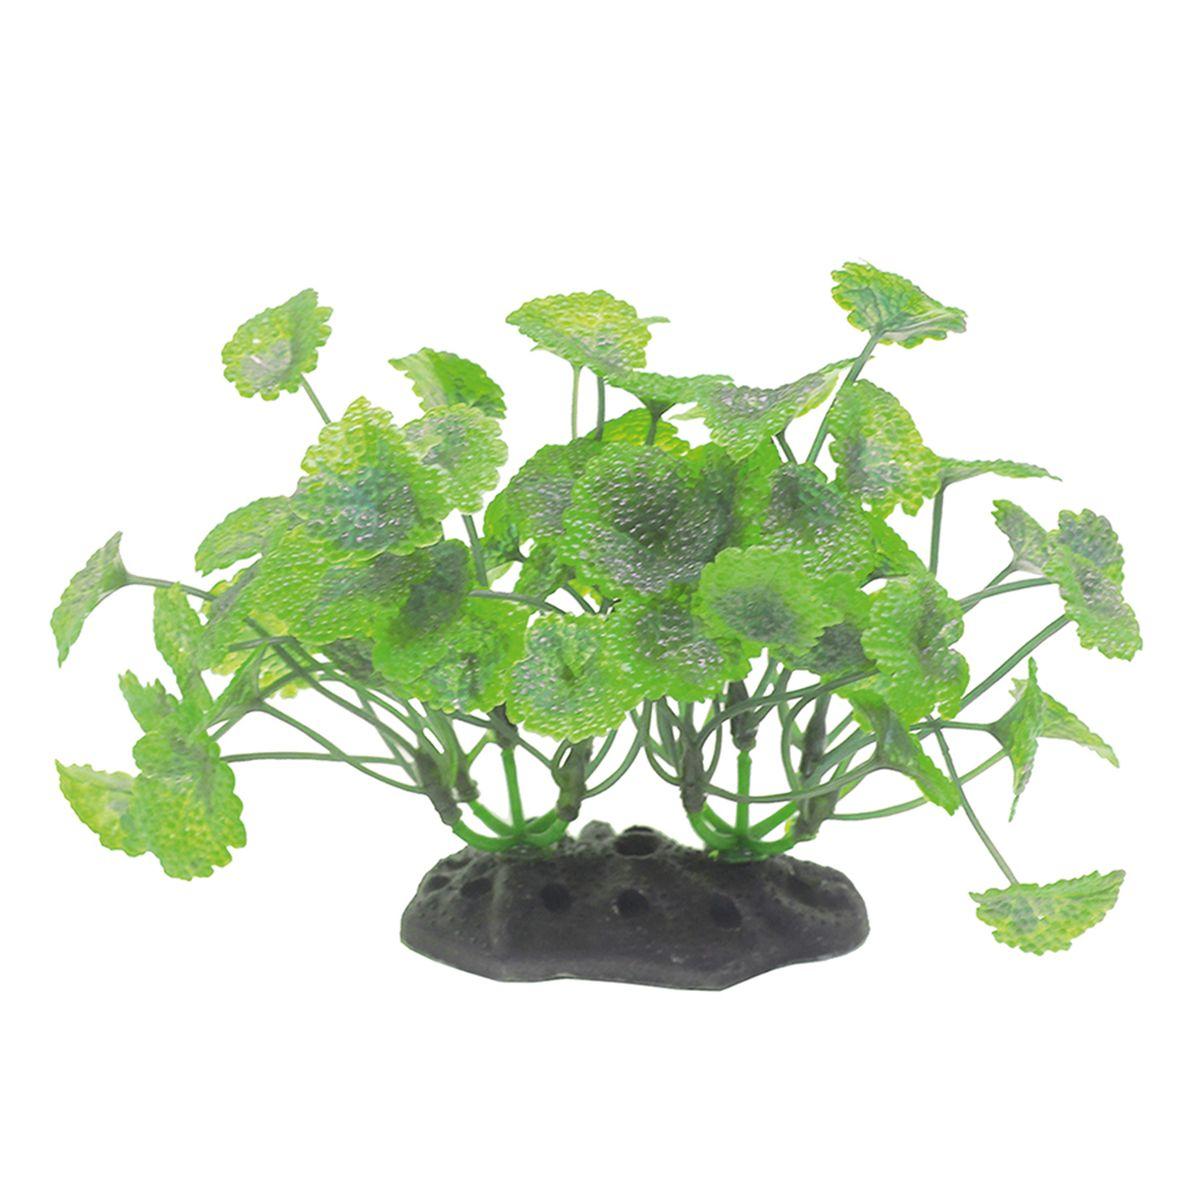 Растение для аквариума ArtUniq Щитолистник, высота 10-12 см0120710Композиция из искусственных растений ArtUniq превосходно украсит и оживит аквариум.Растения - это важная часть любой композиции, они помогут вдохнуть жизнь в ландшафт любого аквариума или террариума. А их сходствос природными порадует даже самых взыскательных ценителей.